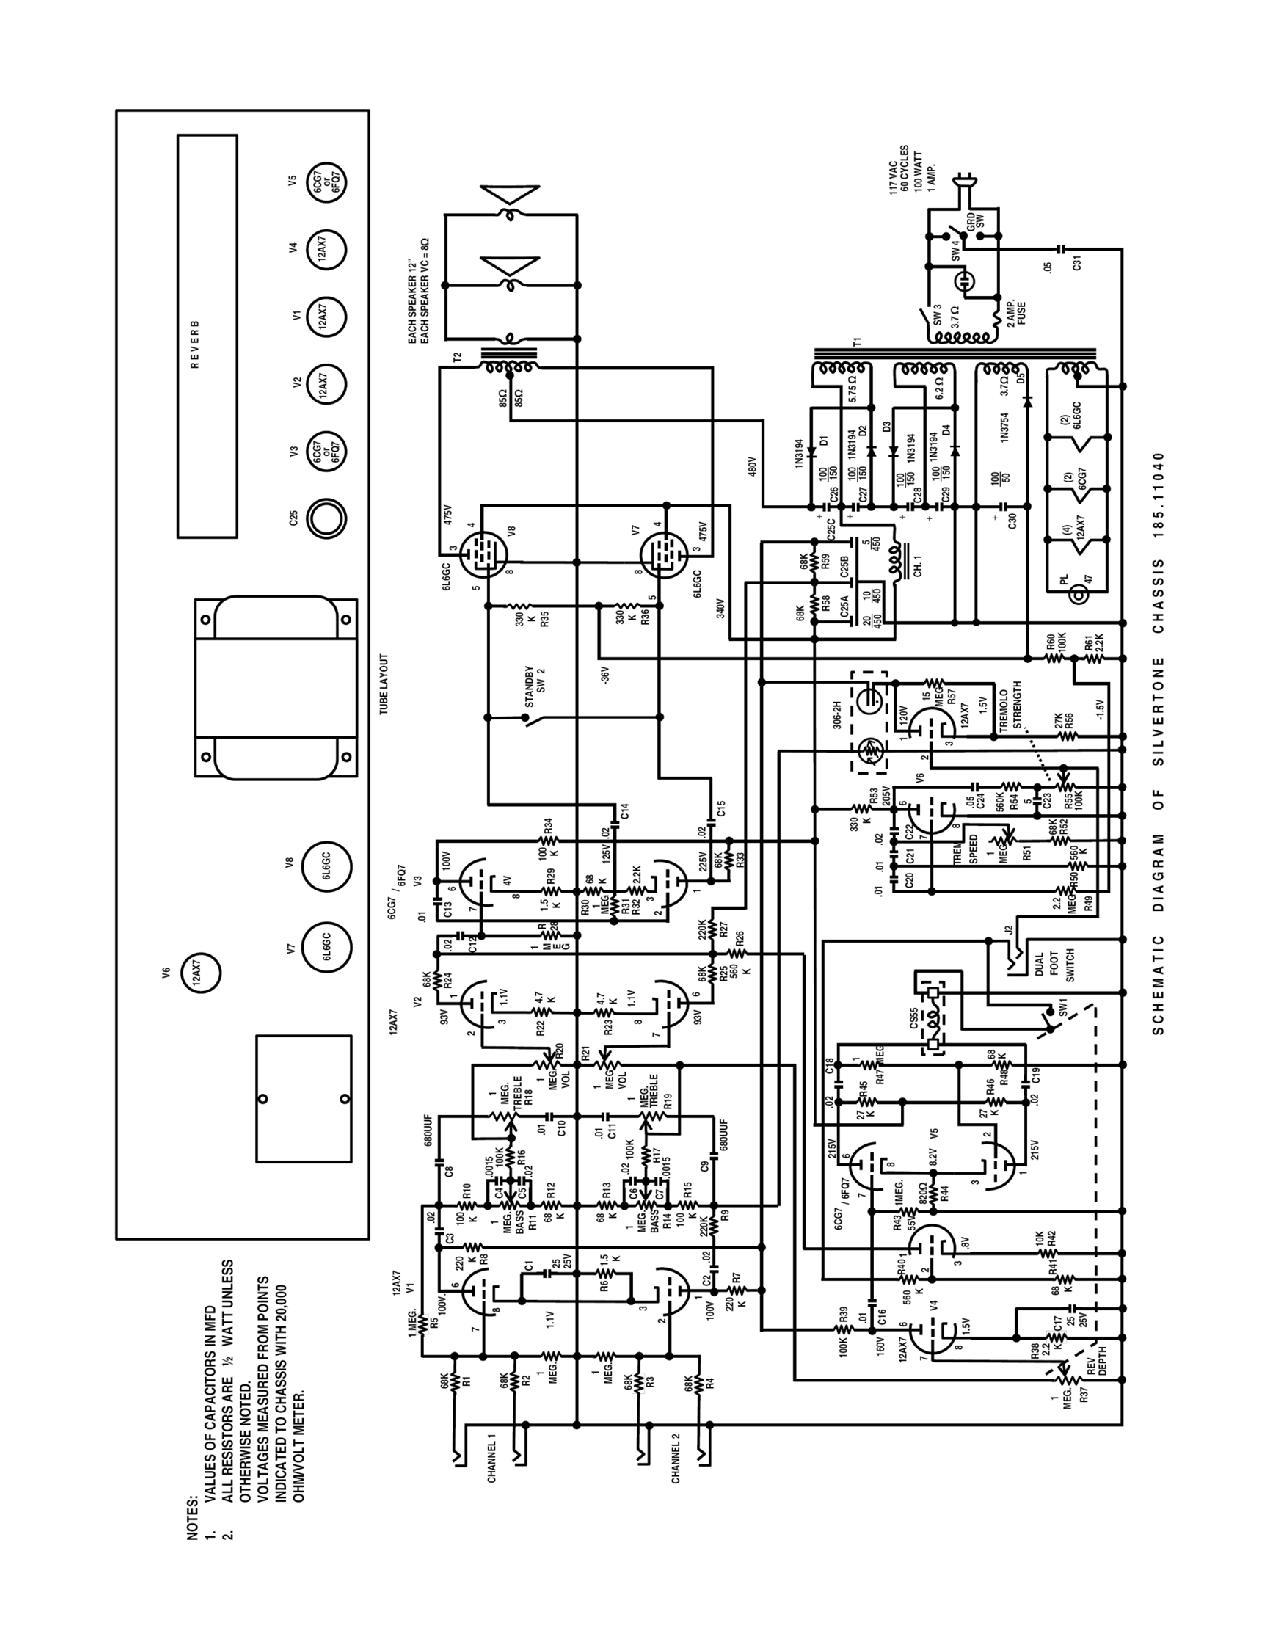 silvertone world - amplifiers - 1960s - model 1484